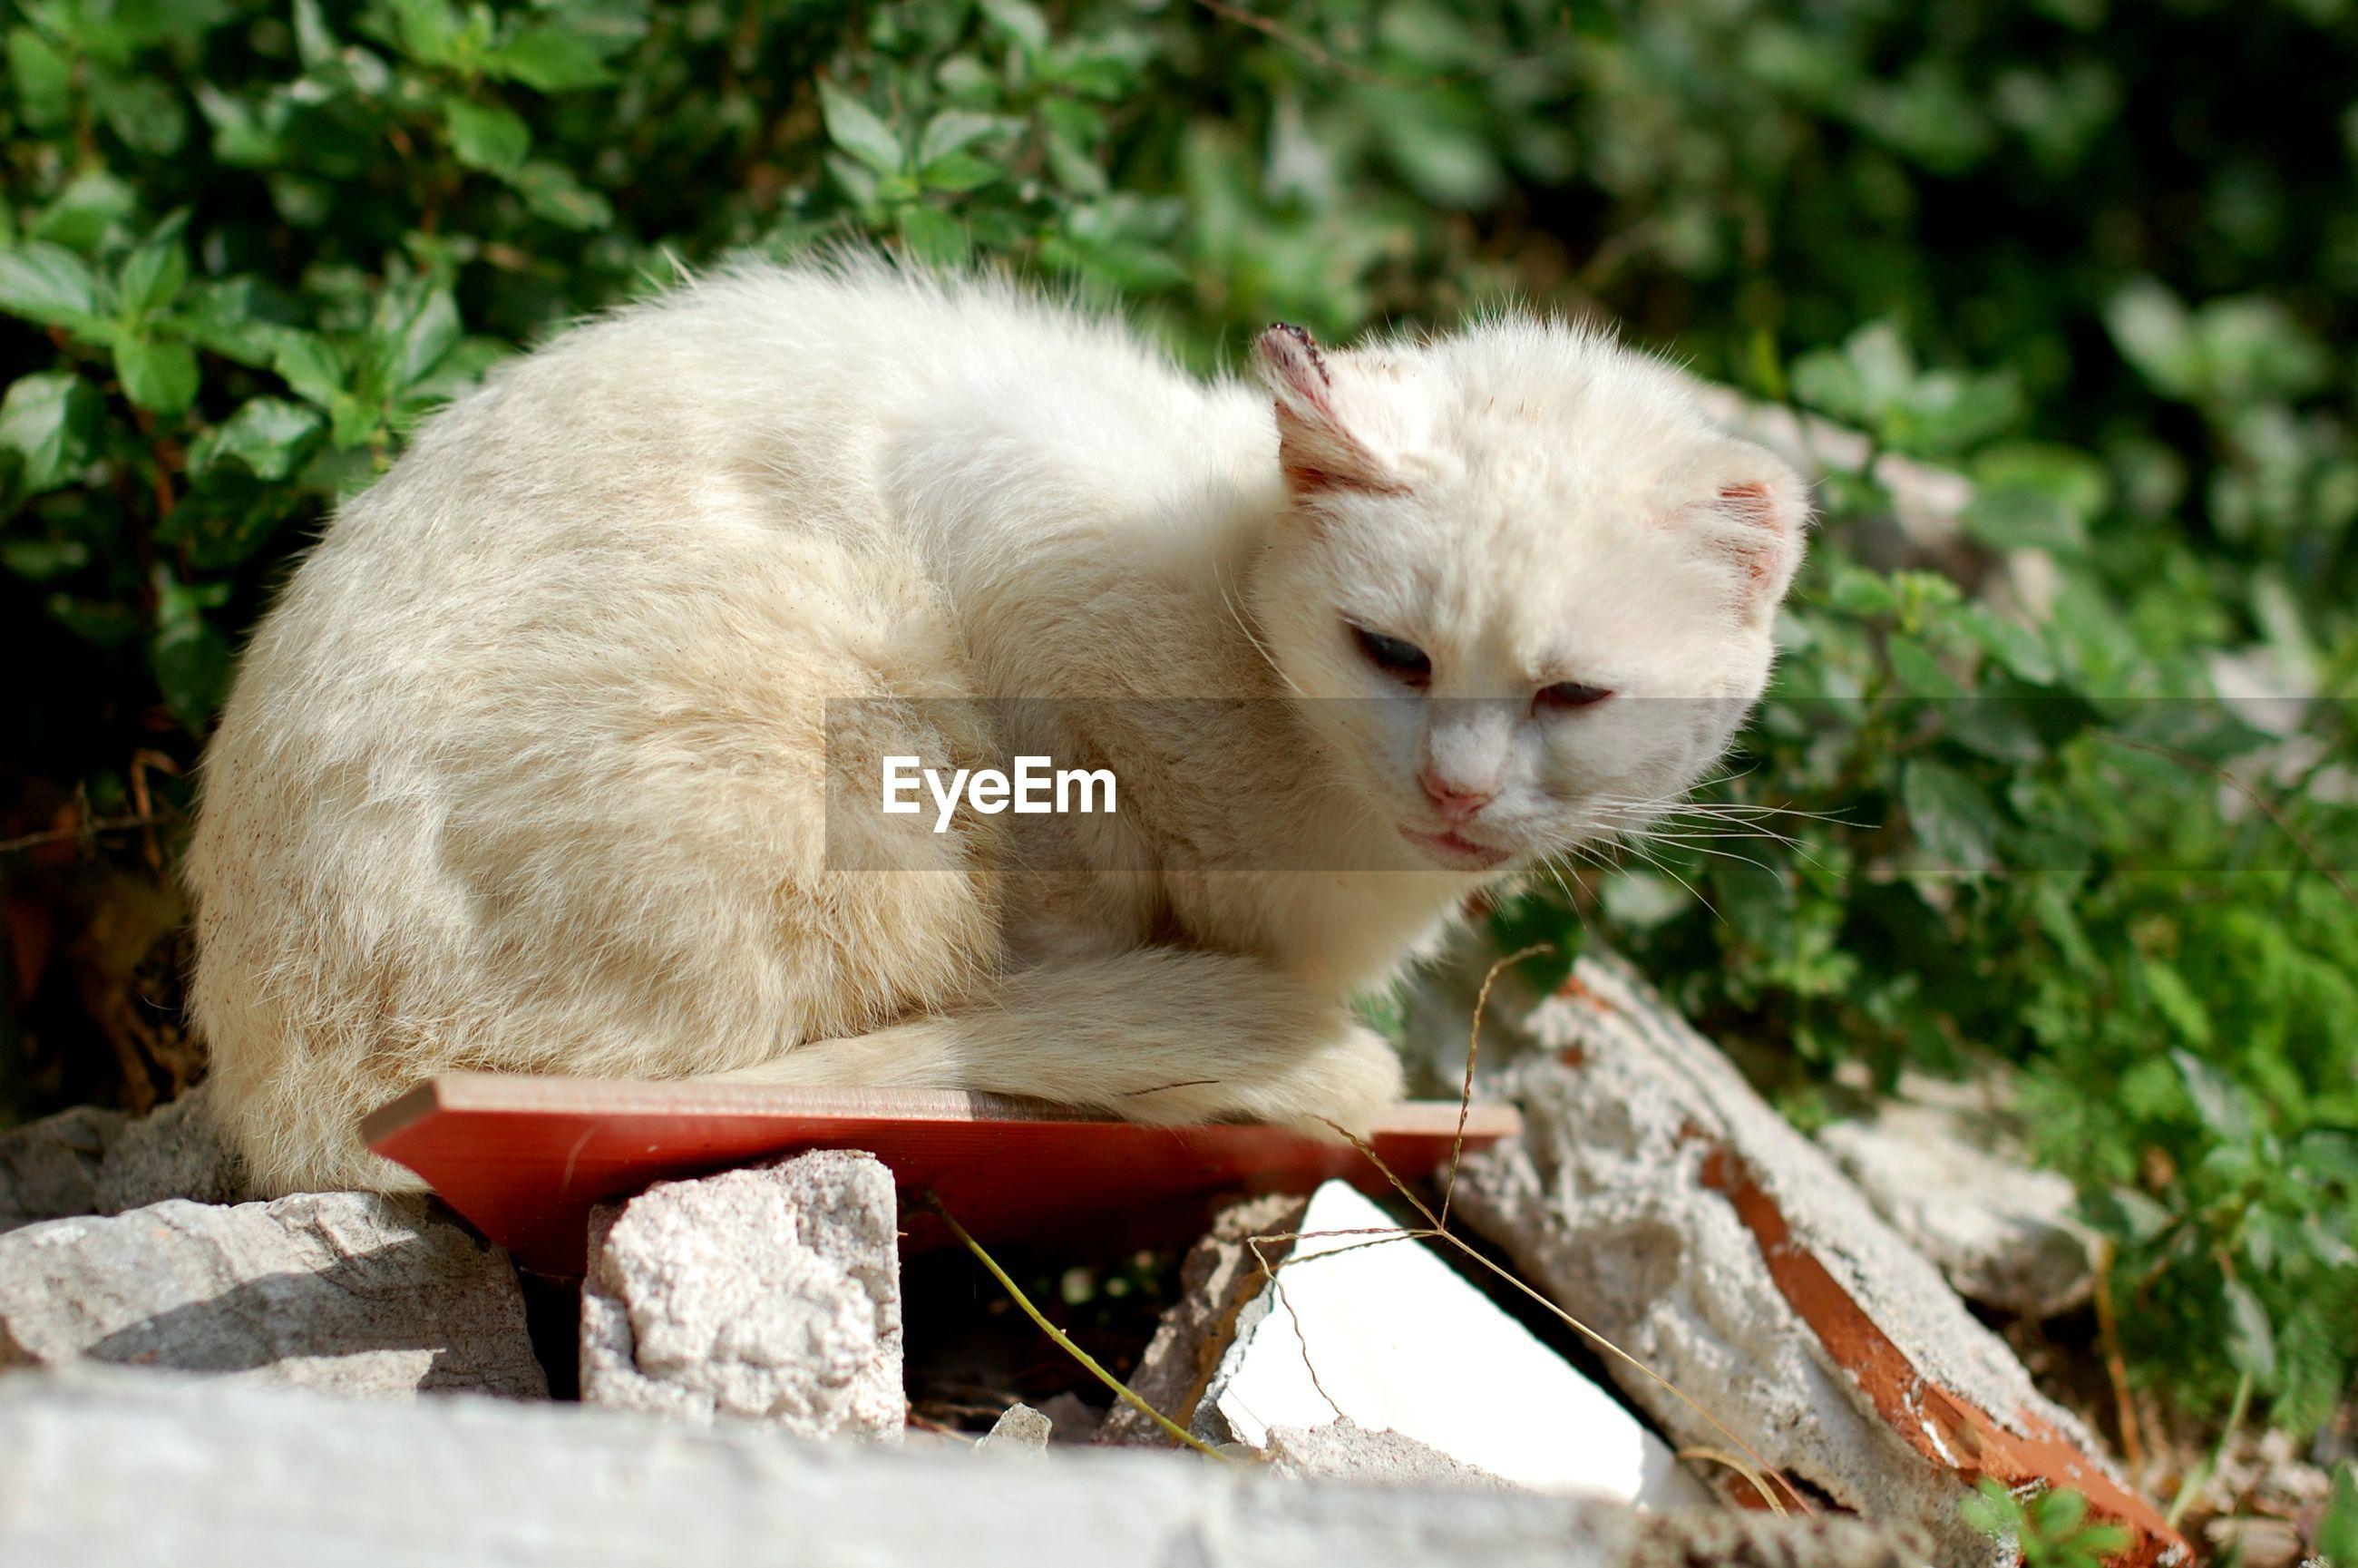 Cat relaxing on rocks